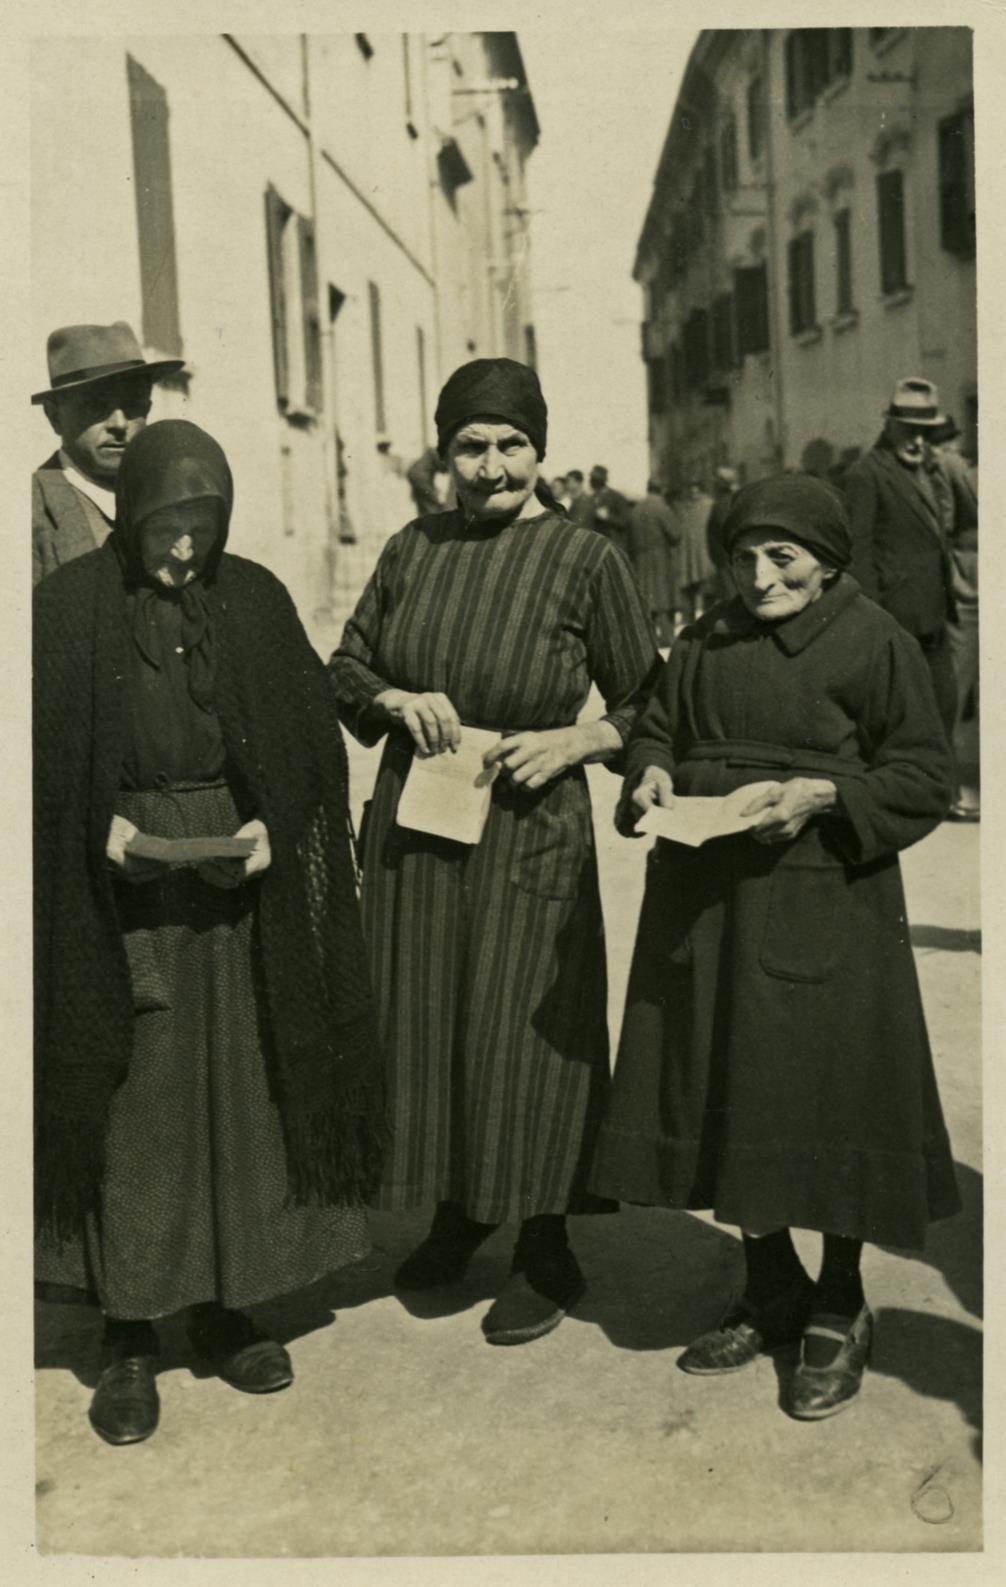 Storia della Costituzione. Anziane elettrici di Castelvetro in posa per il loro primo voto. Foto di Giuseppe Simonini, archivio del Gruppo Mezaluna-Mario Menabue